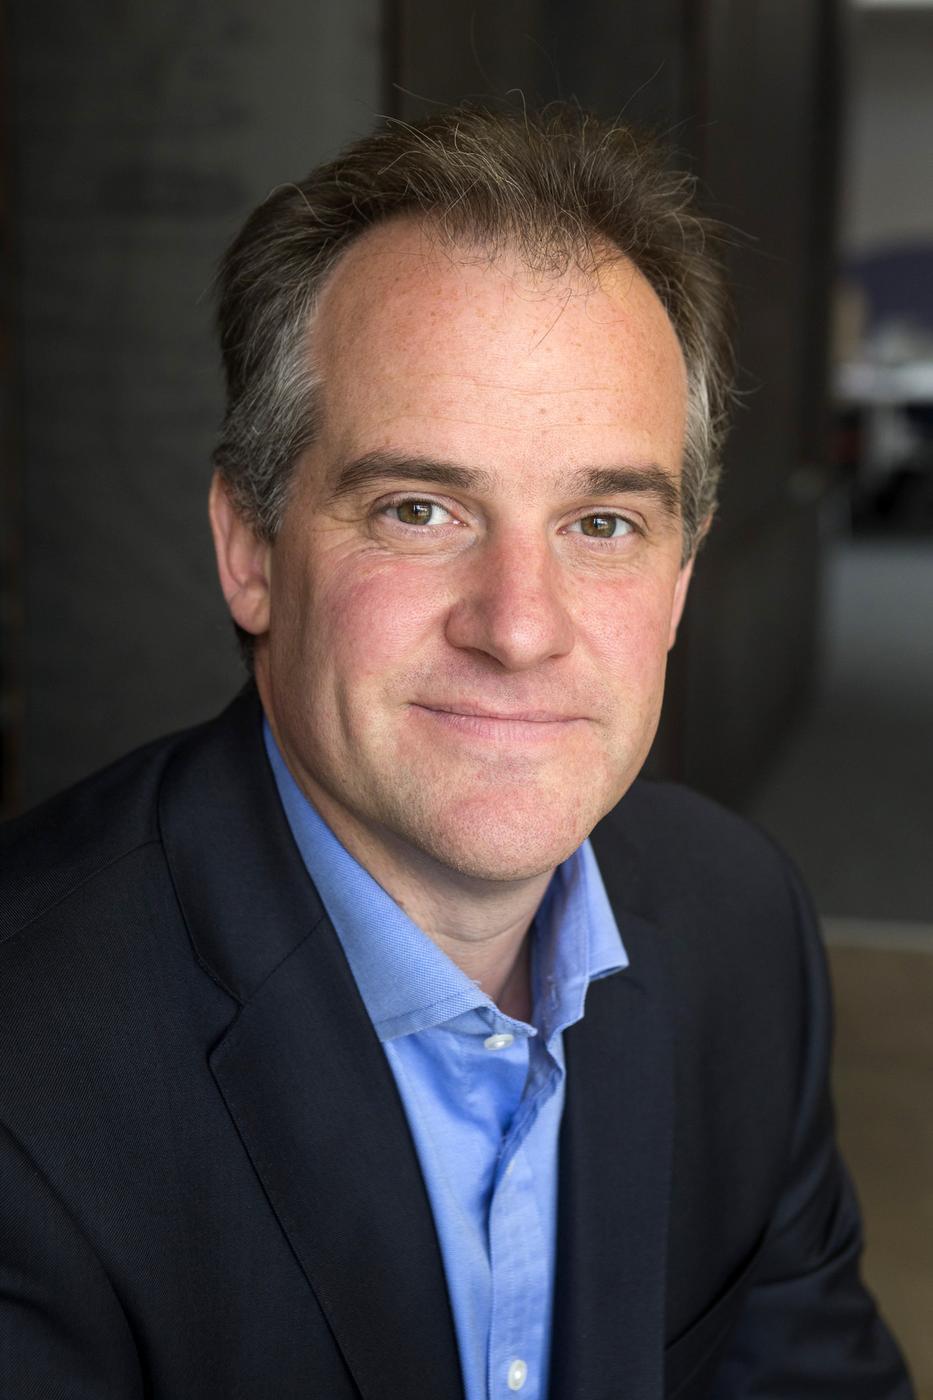 Gavin Leverett, Managing Director, Serenity Parks Ltd